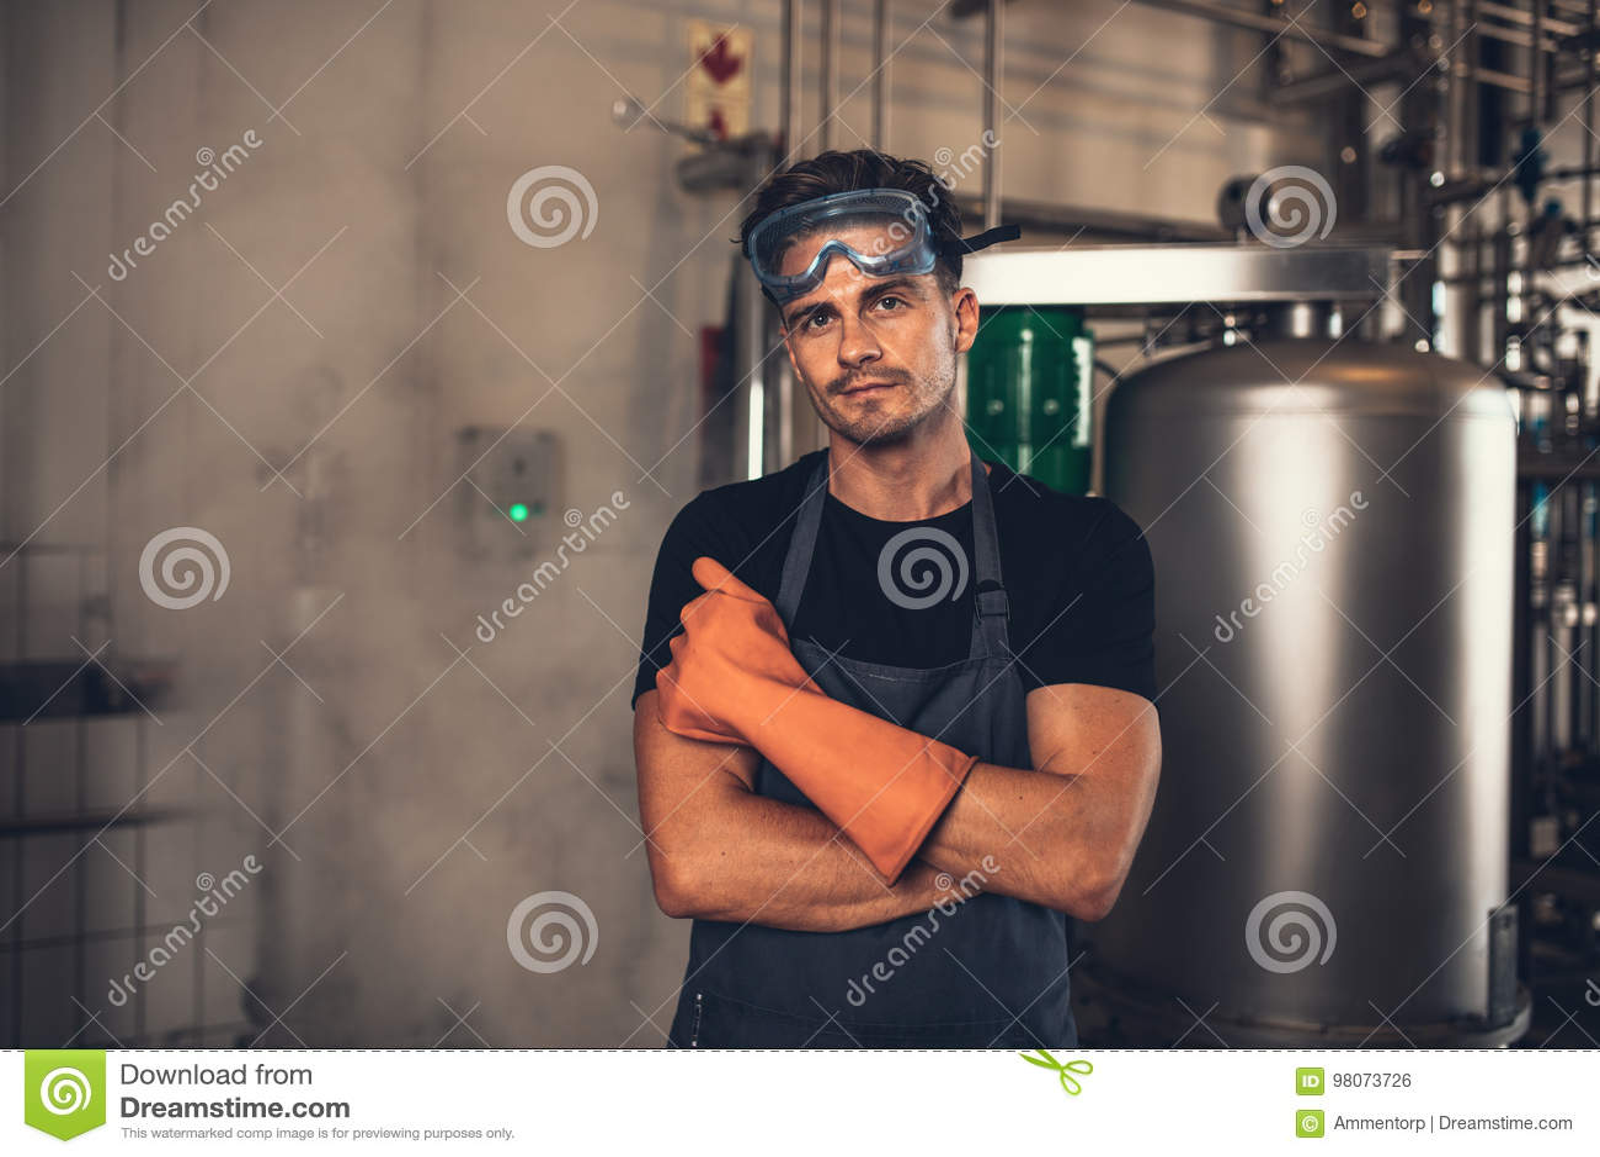 Piwowar pracuje w browar roślinie